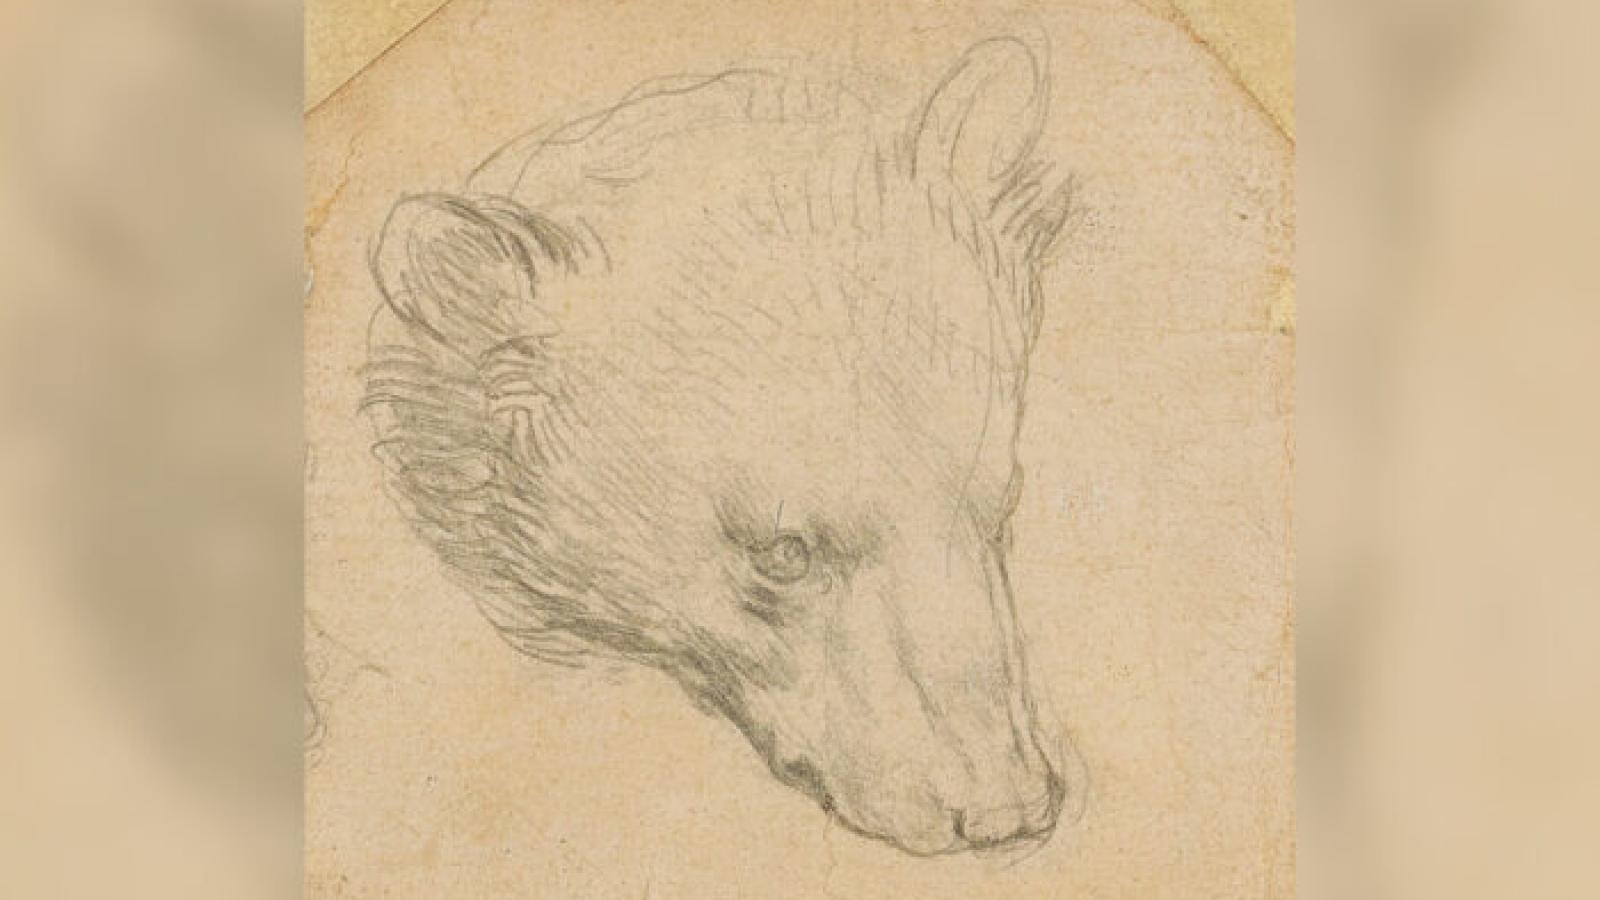 """Bức phác họa """"Đầu gấu"""" của Leonardo Da Vinci sắp được rao bán với mức giá kỷ lục"""